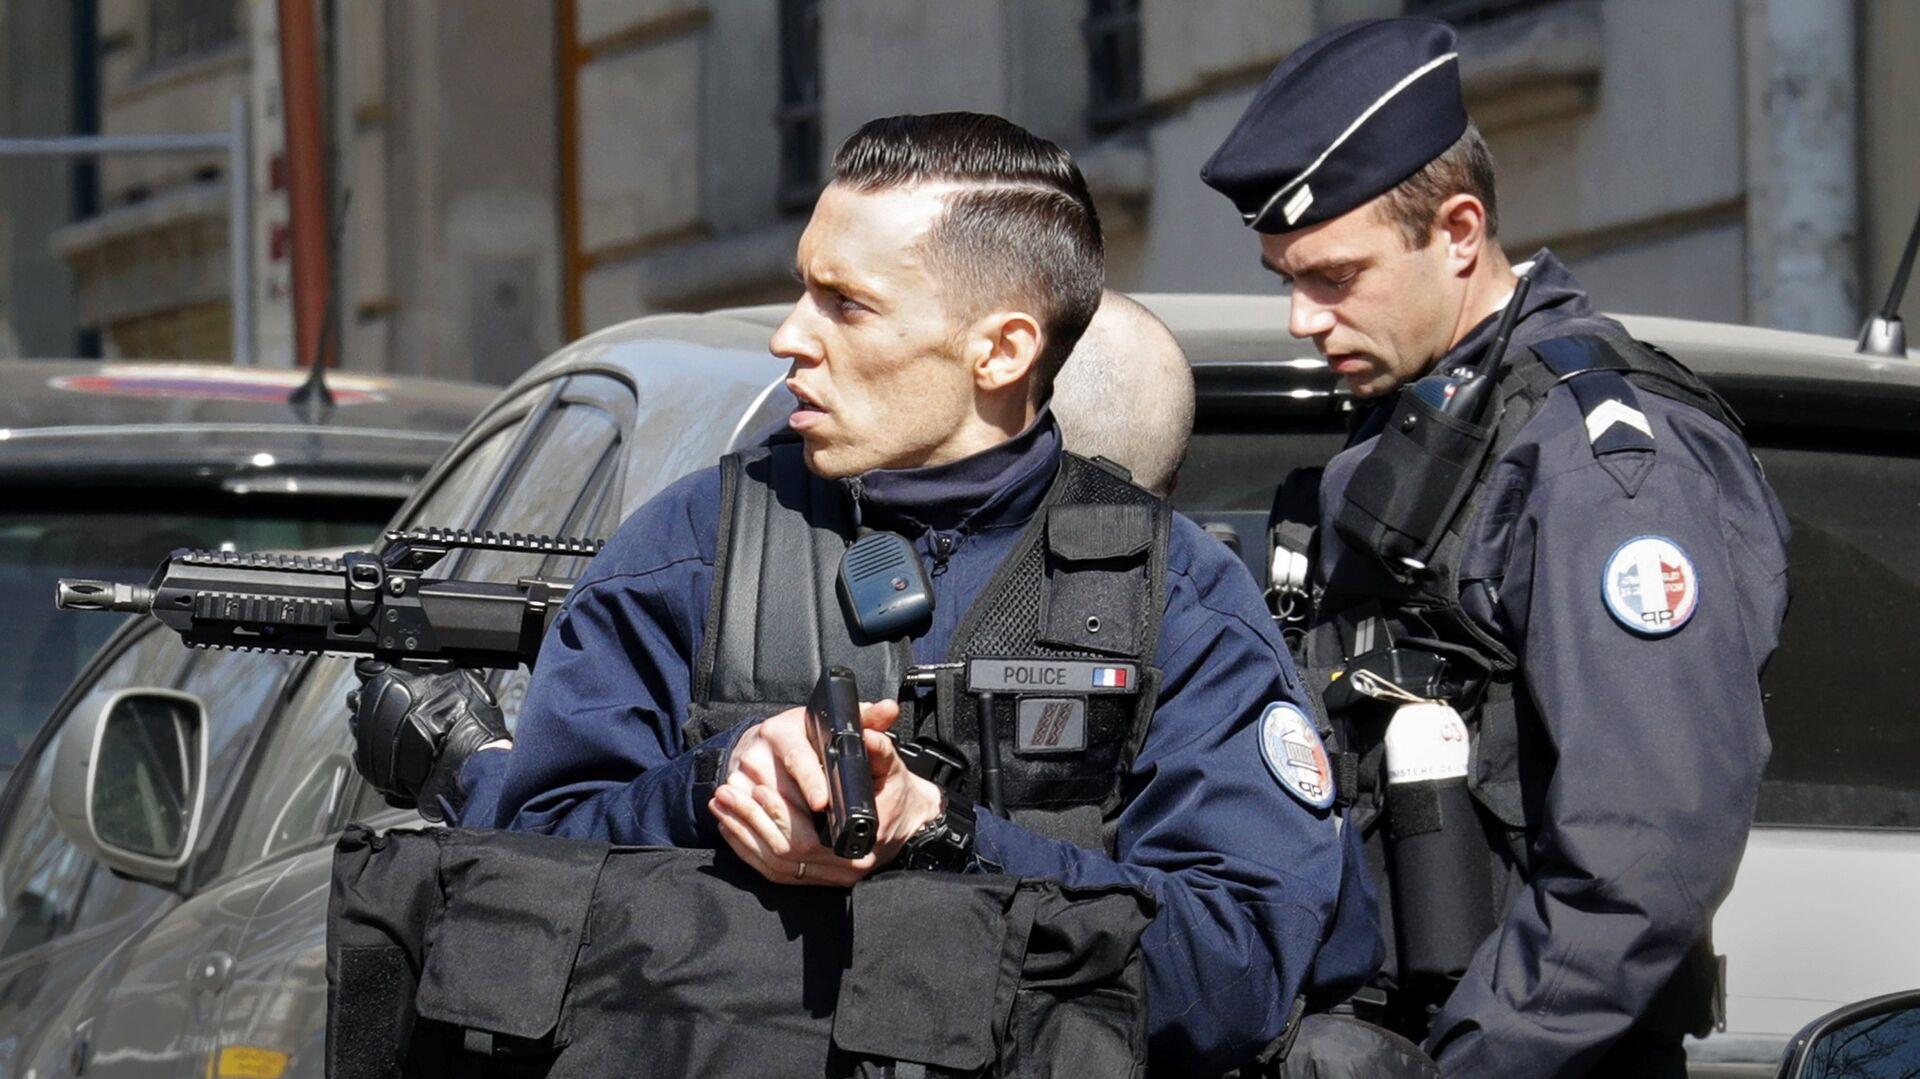 Париска полиција после експлозије у ММФ-у - Sputnik Србија, 1920, 29.07.2021